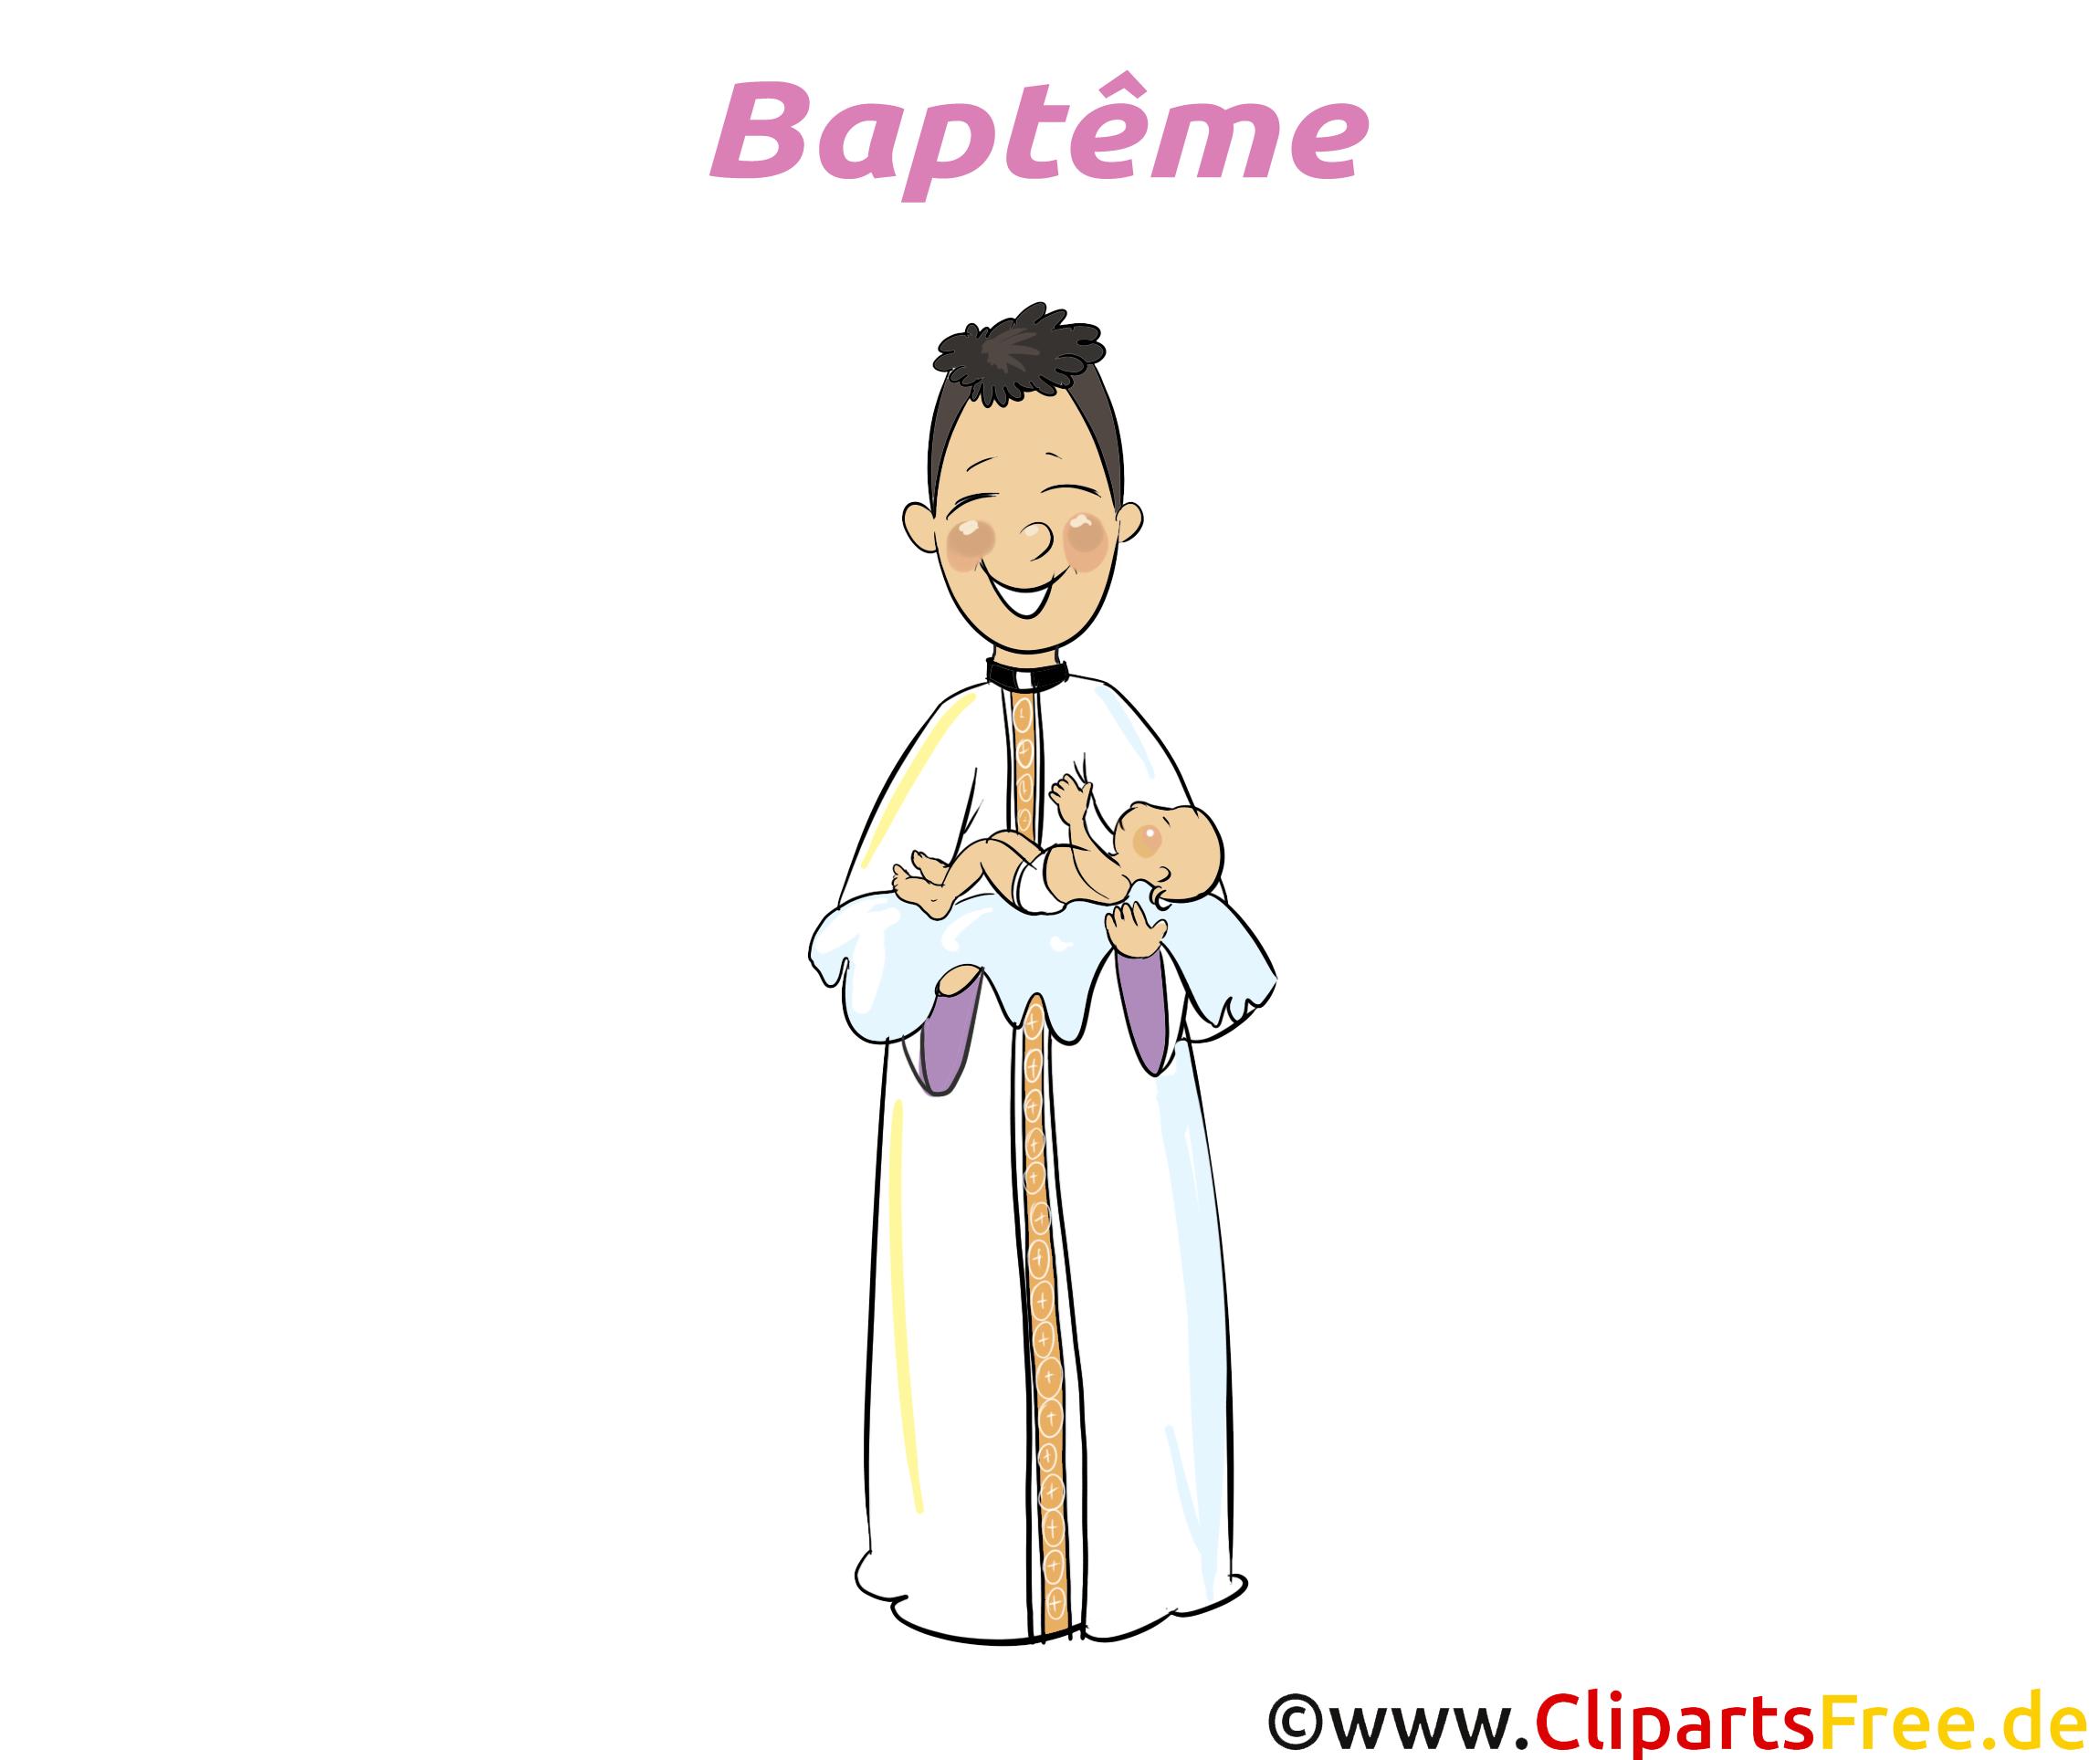 Prêtre clip art – Baptême image gratuite